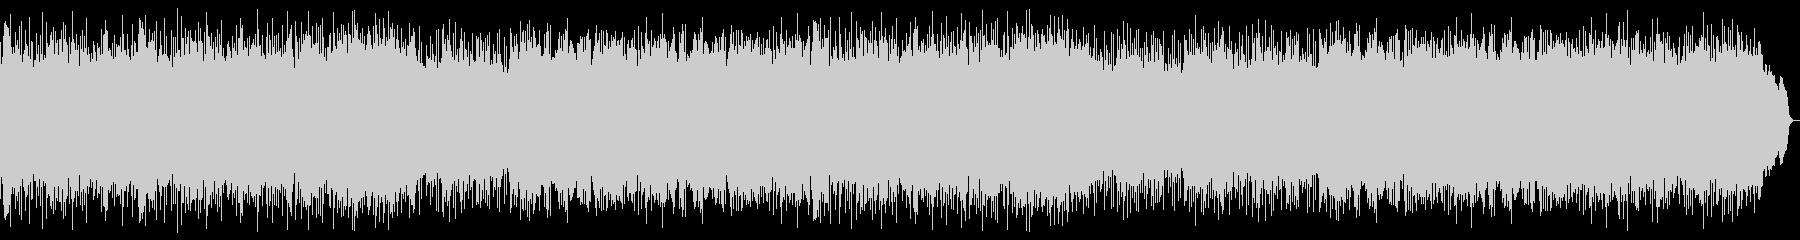 ダークなヘビーメタルのインスト ロング版の未再生の波形